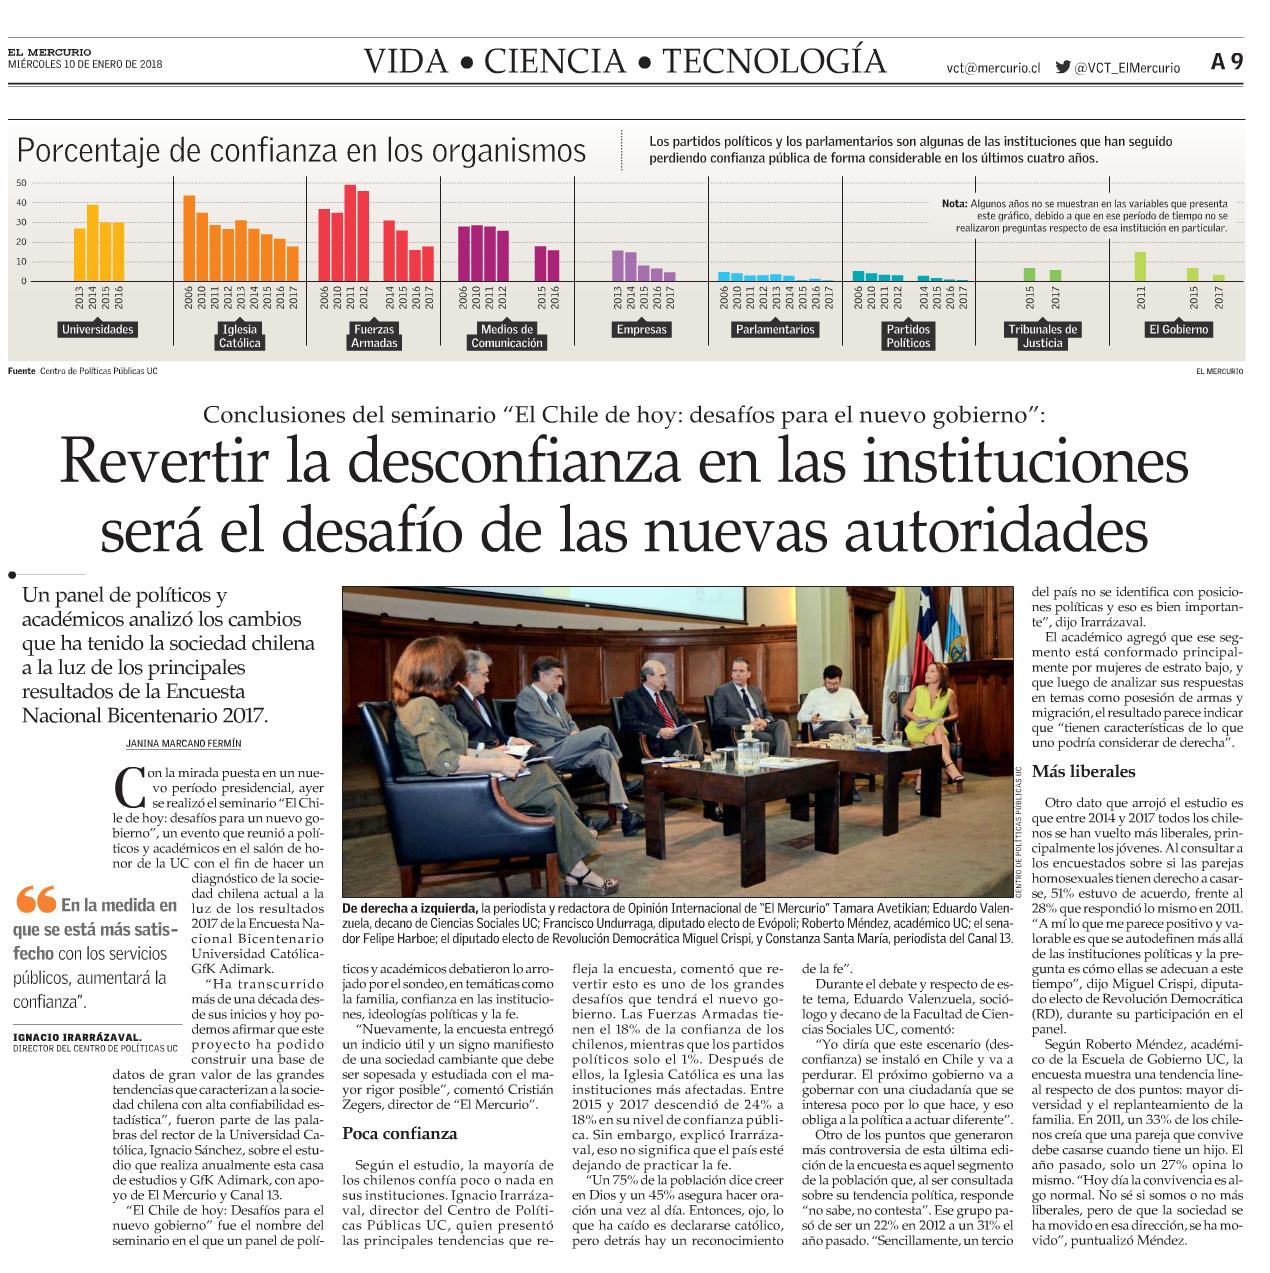 Revertir la desconfianza en las instituciones será el desafío de las nuevas autoridades